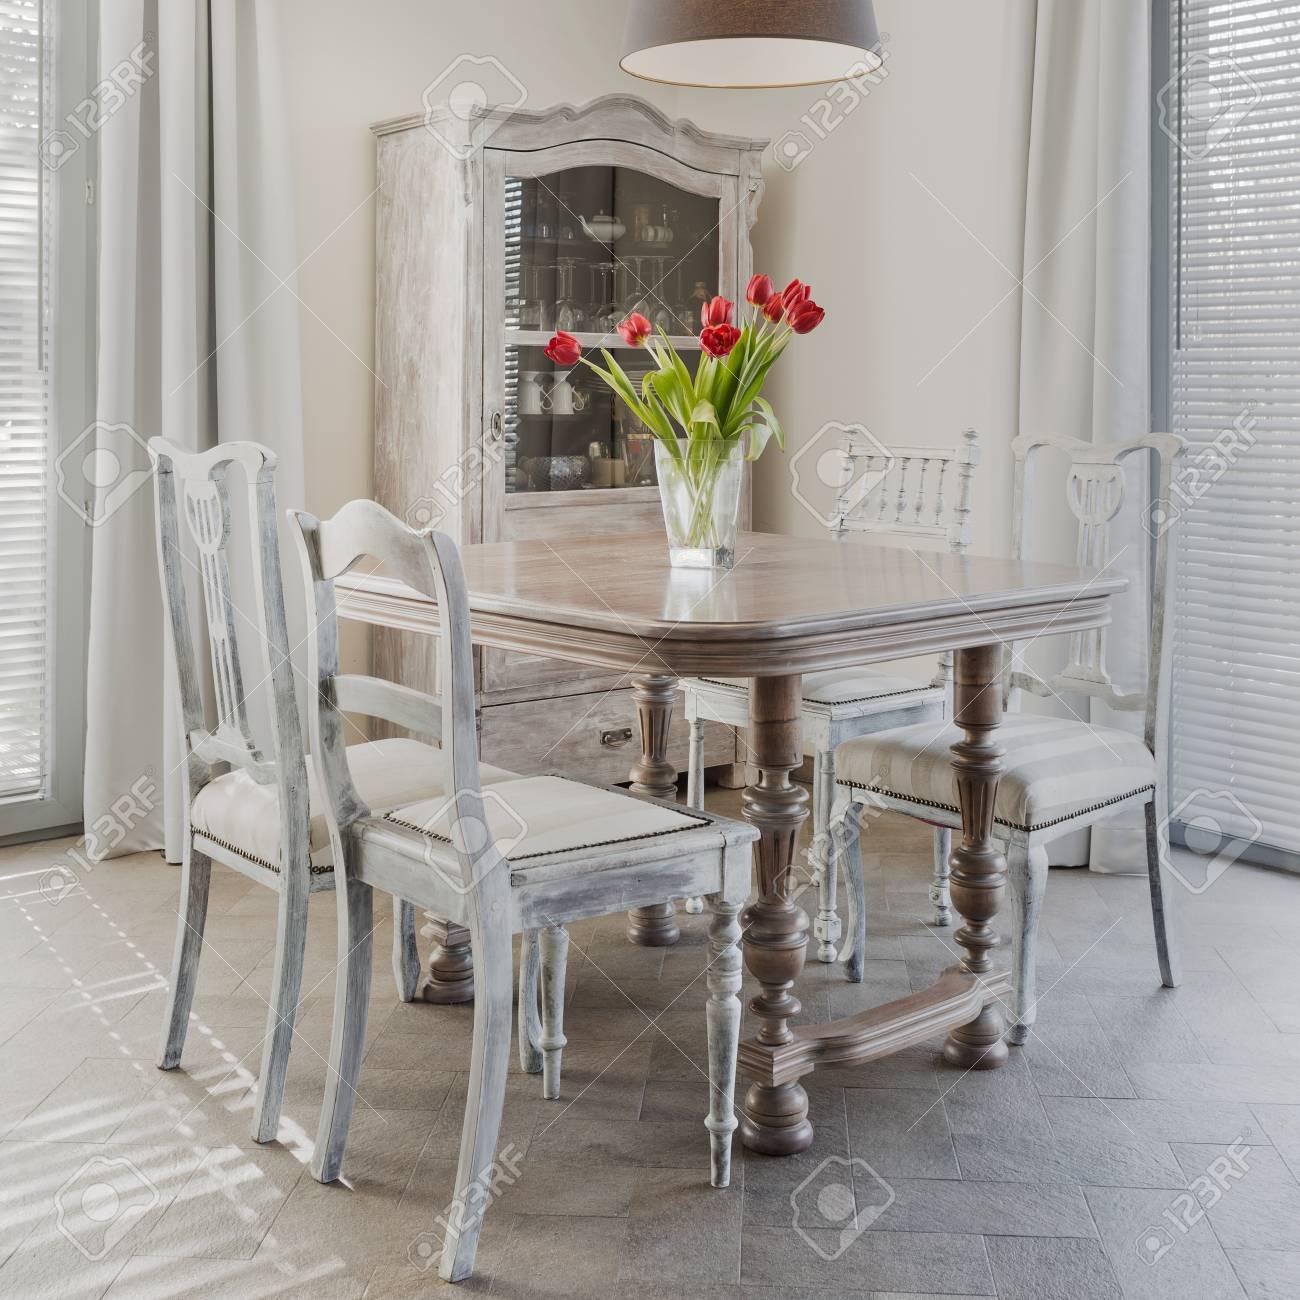 Tulipani sul tavolo in sala da pranzo retrò